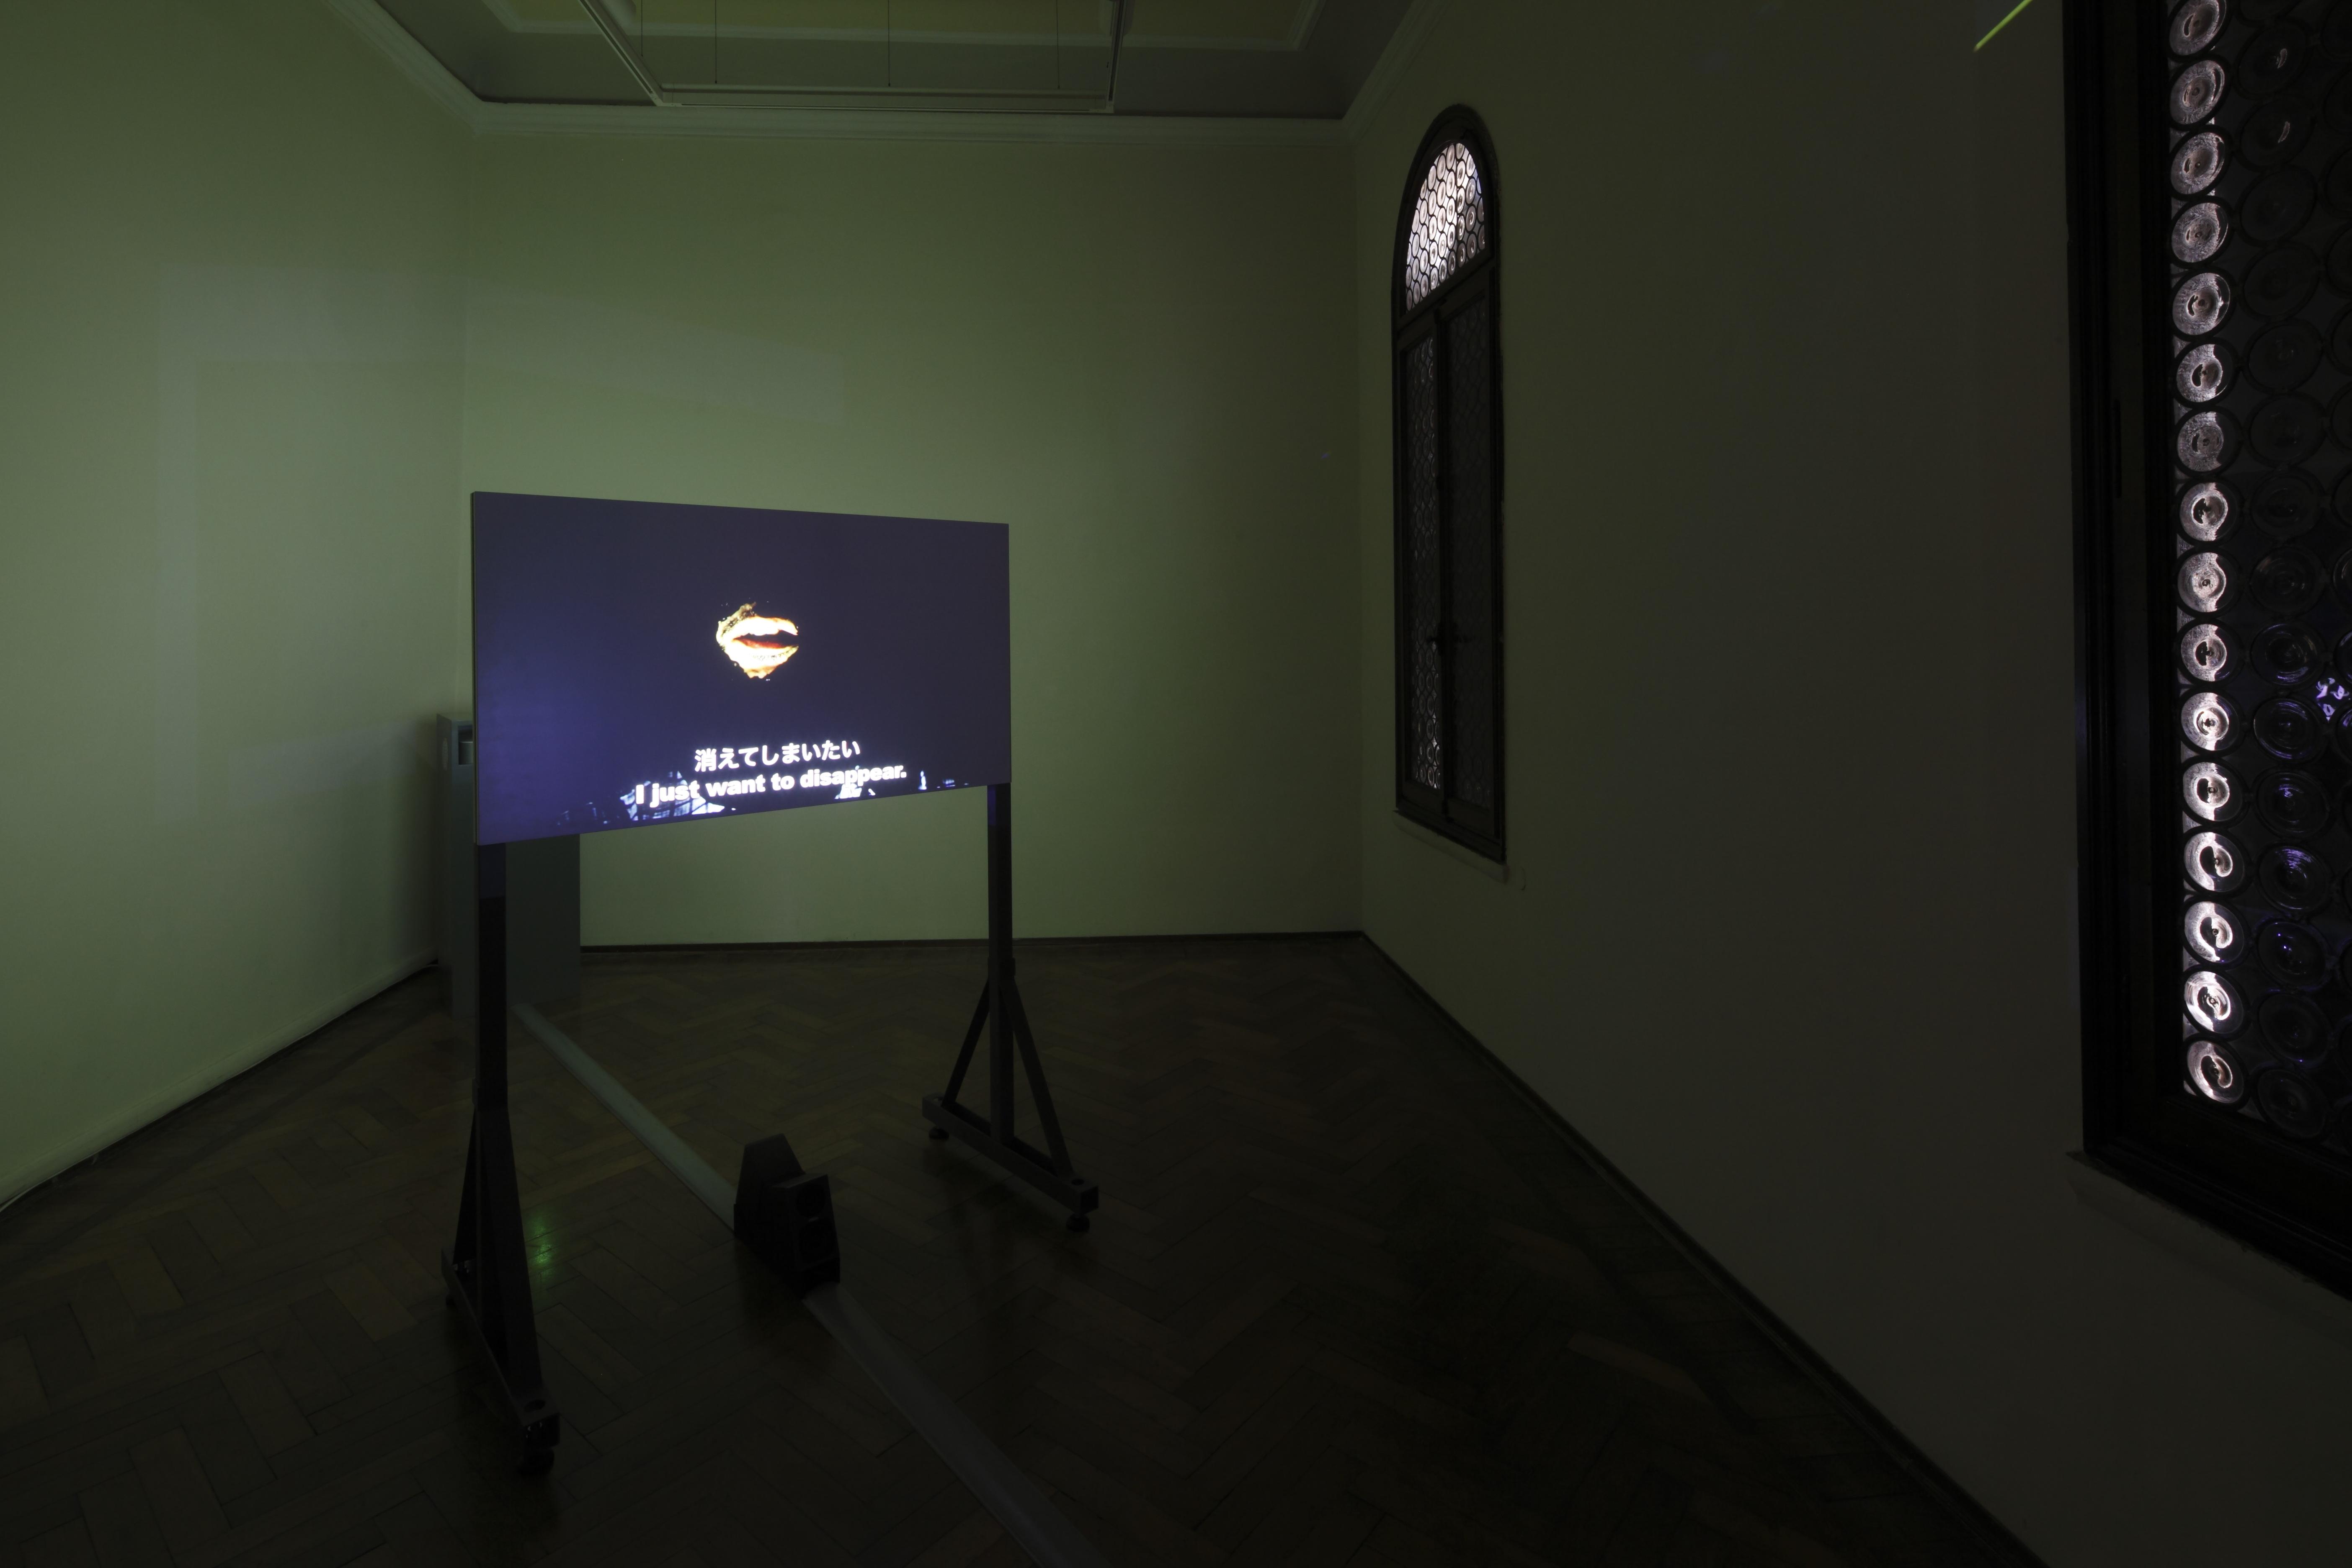 《最後の詩》 2 チャンネル・ビデオ・インスタレーション 2013 「未完風景」Palazzetto Tito、Bevilacqua La Masa 財団、 ヴェネチア、2013、展示風景 写真提供:国際交流基金、撮影:木奥惠三 Image courtesy of the artist & Annet Gelink Gallery (Amsterdam),  MUJIN-TO Production (Tokyo)